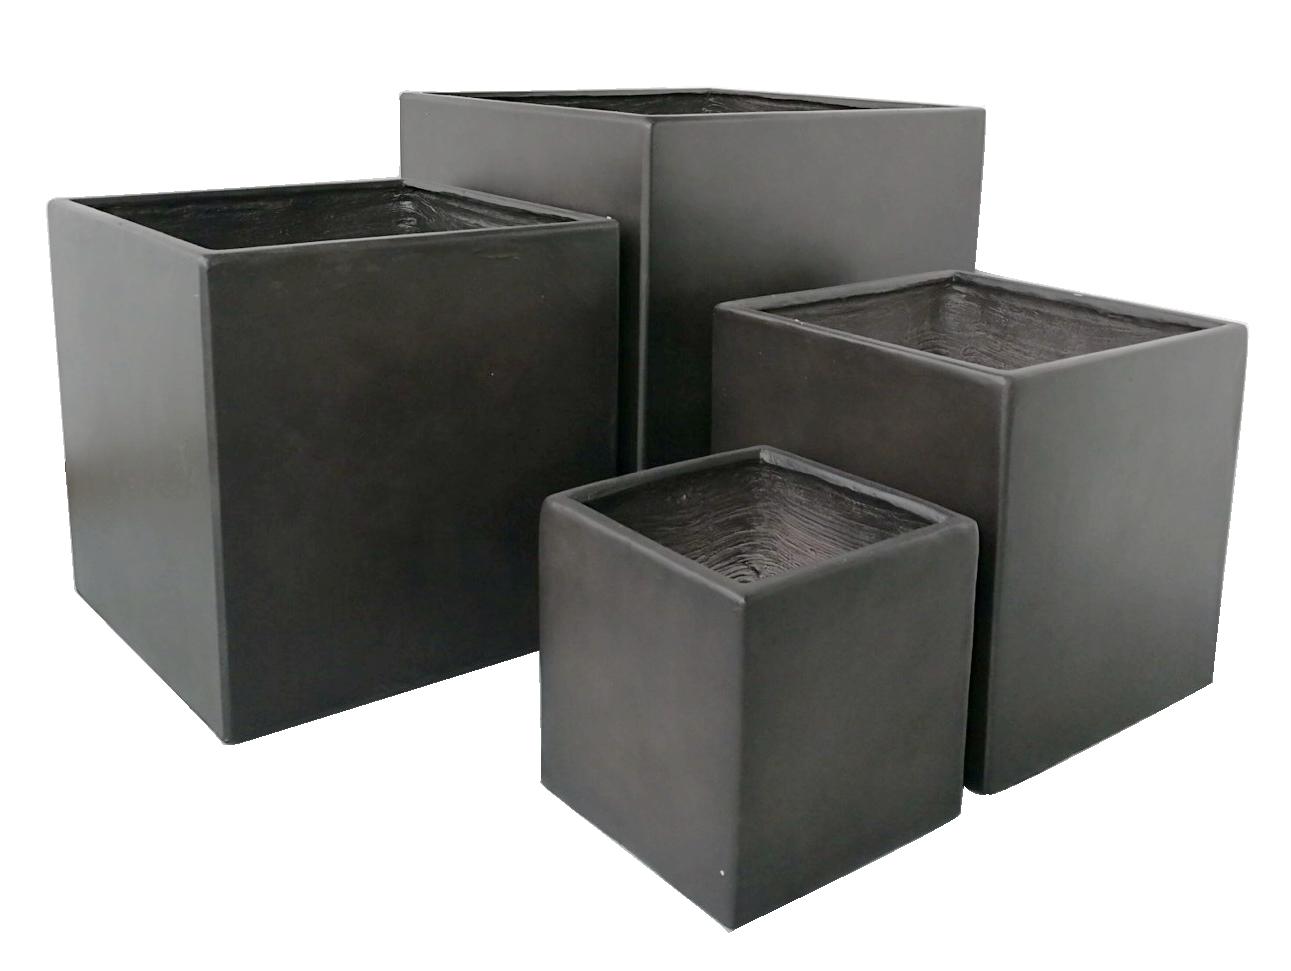 Pflanzkübel Steinoptik.Premium Plant Pot Set Lounge Cube Pot Set Black Outdoor 4 X Plant Pots Square 26 37 45 55cm